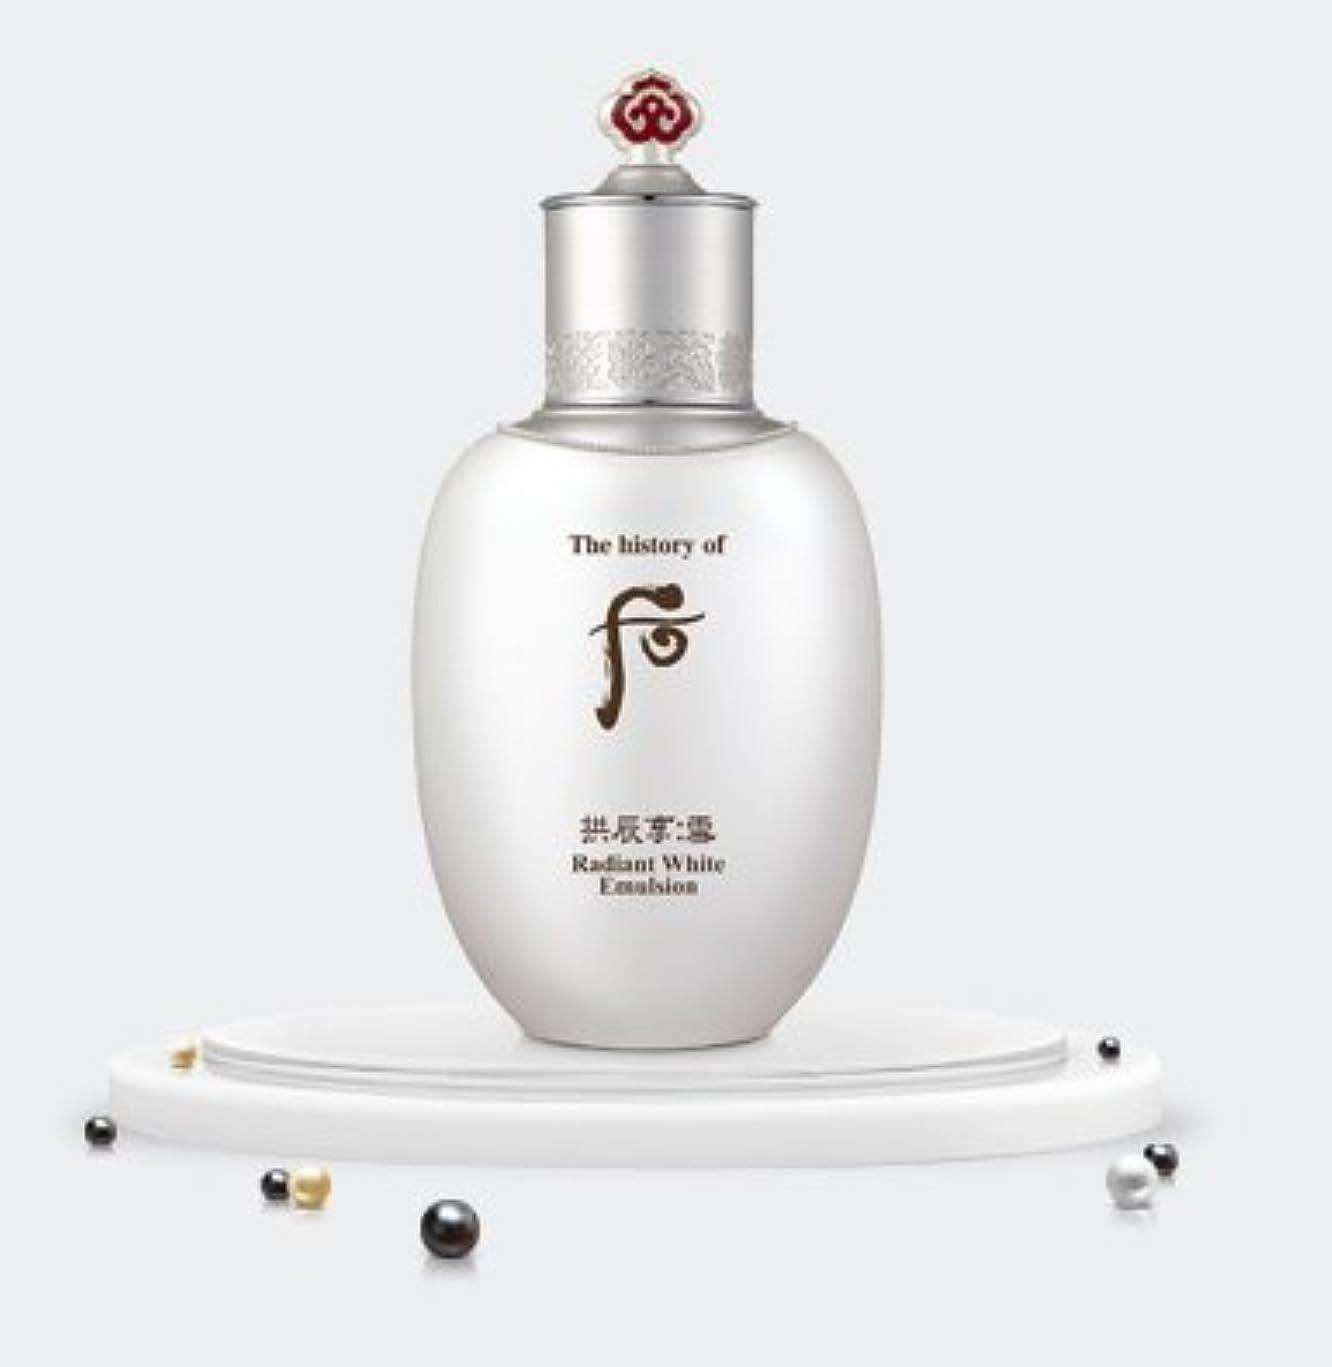 恥ユーモラス大洪水The History of Whoo Gongjinhyang: Seol Whitening Lotion 110ml K-beauty[並行輸入品]